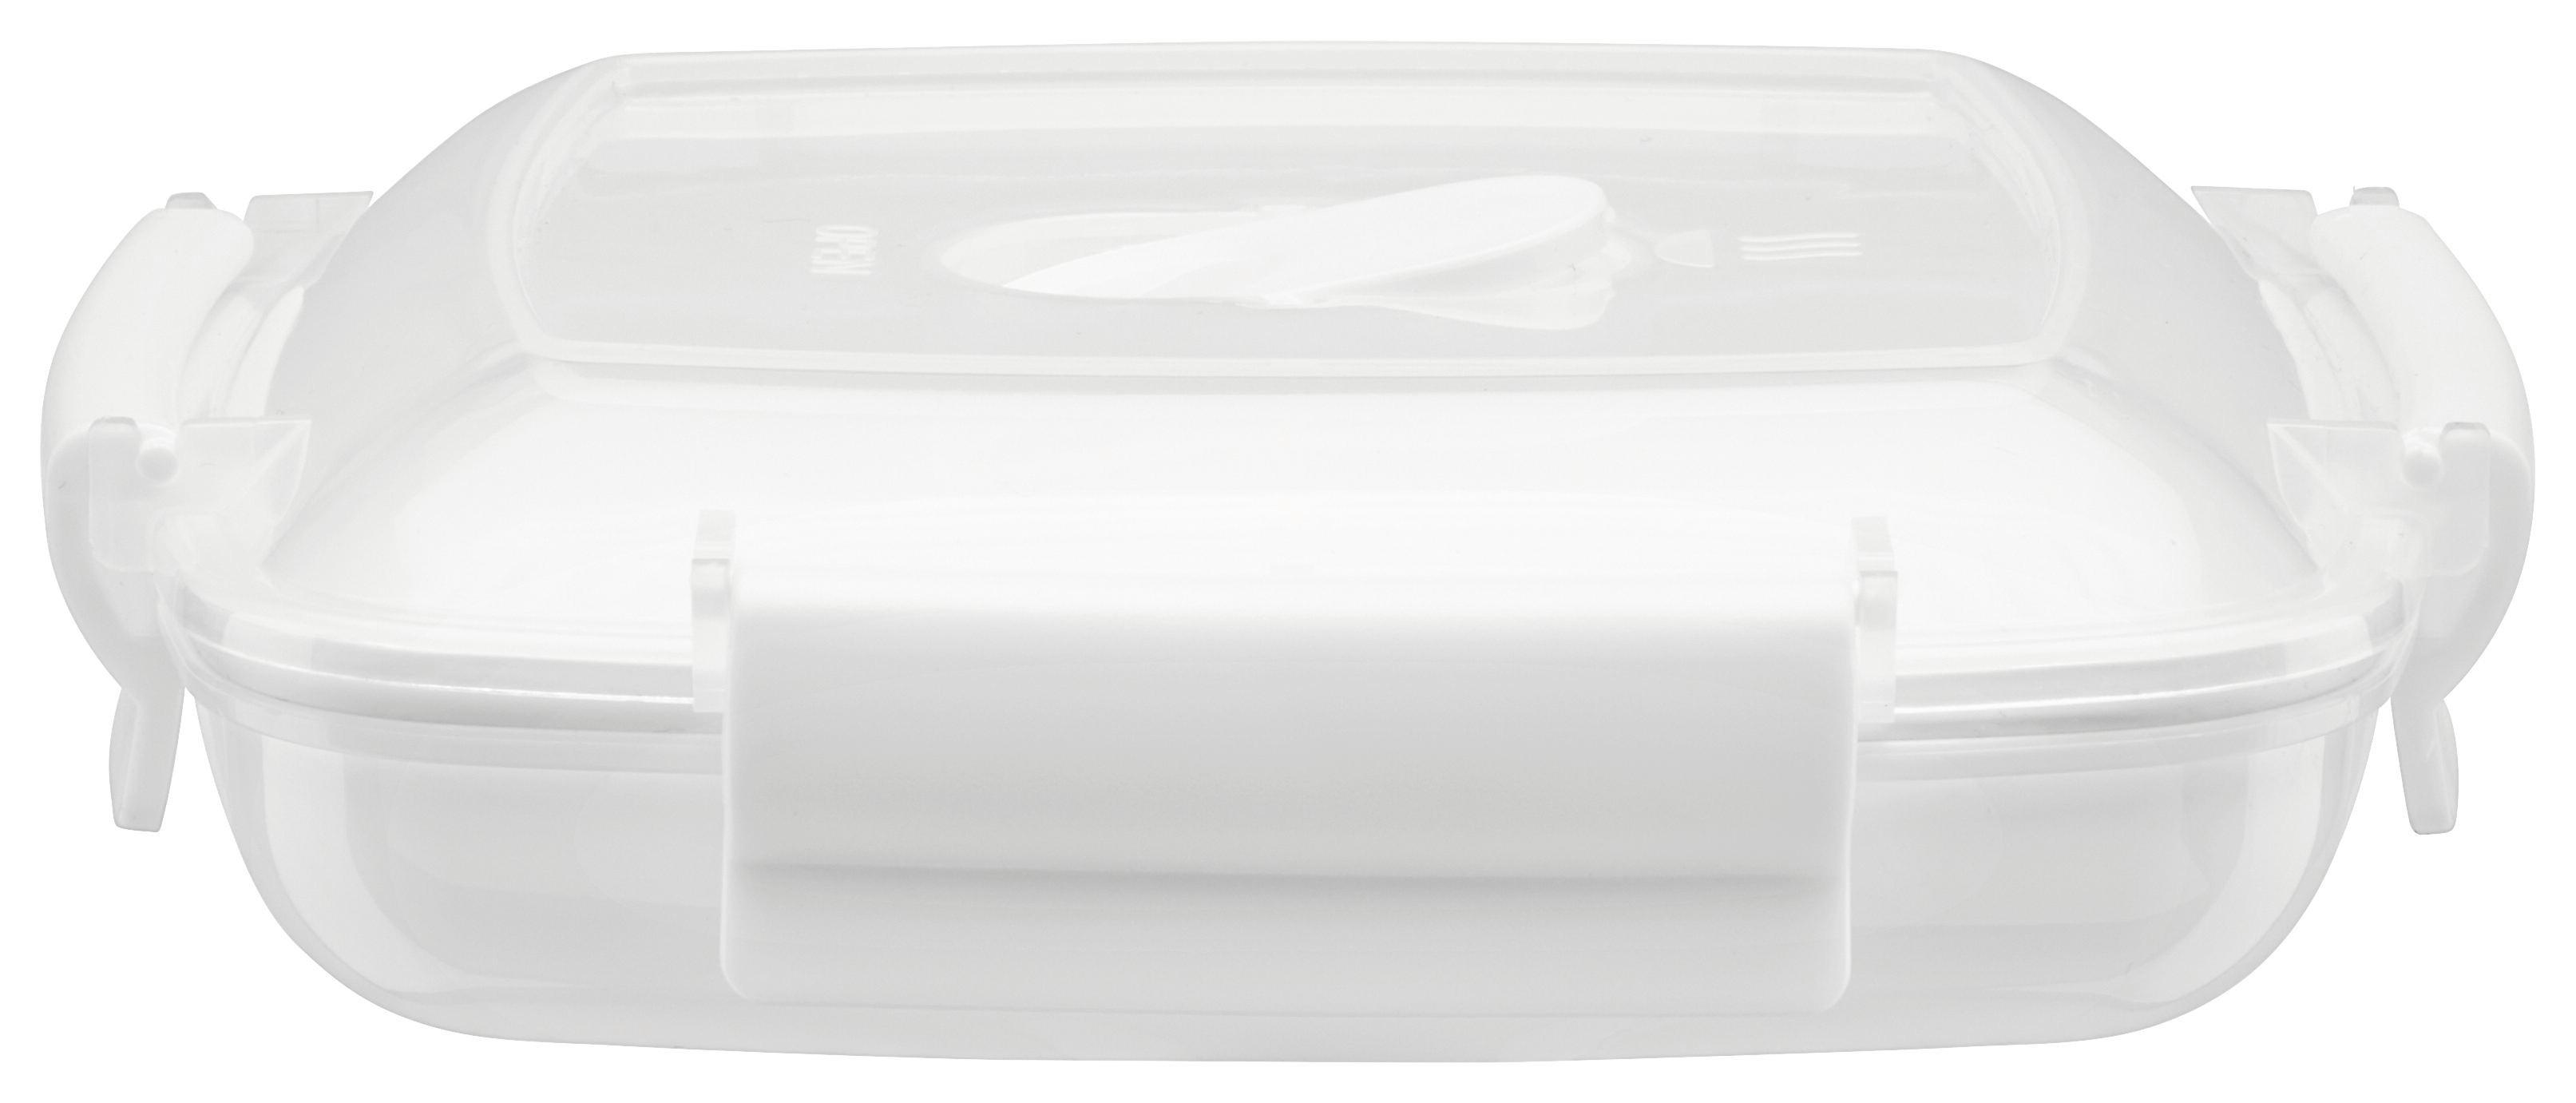 Dóza Do Mikrovlnné Trouby Klik Uzáver Mikka - bílá/průhledná, umělá hmota (0,44l) - MODERN LIVING